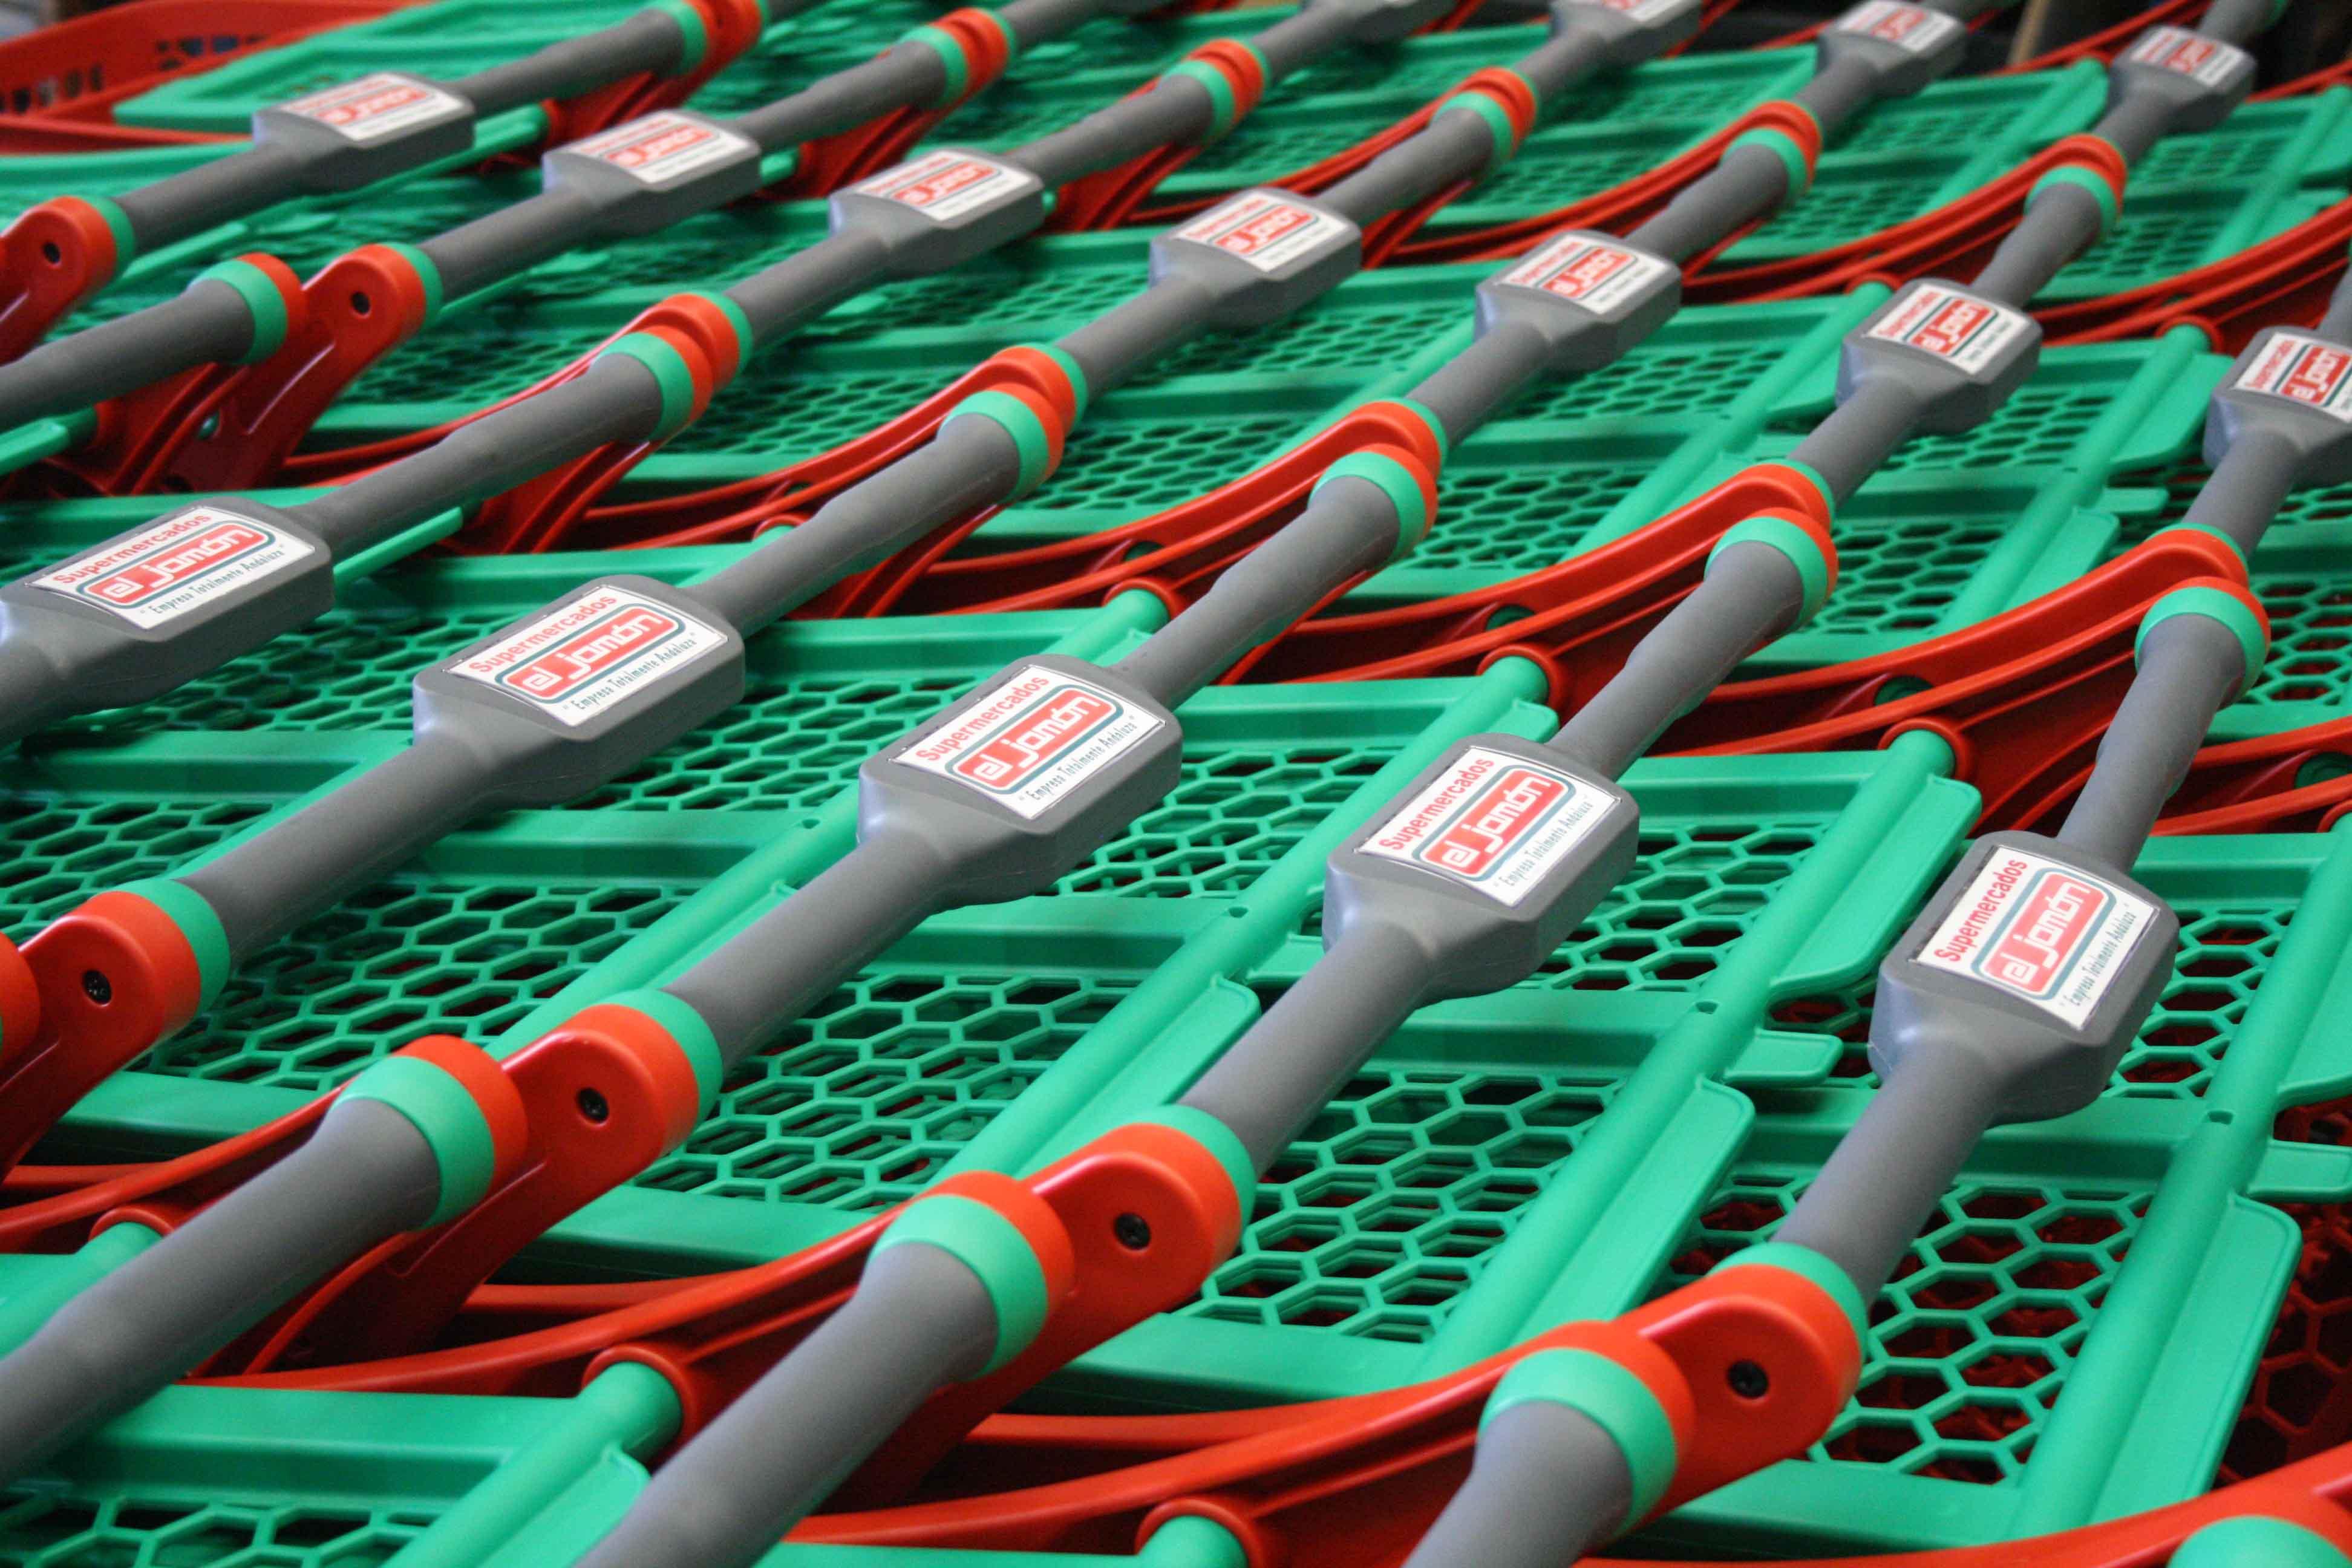 Carritos de supermercado apilados